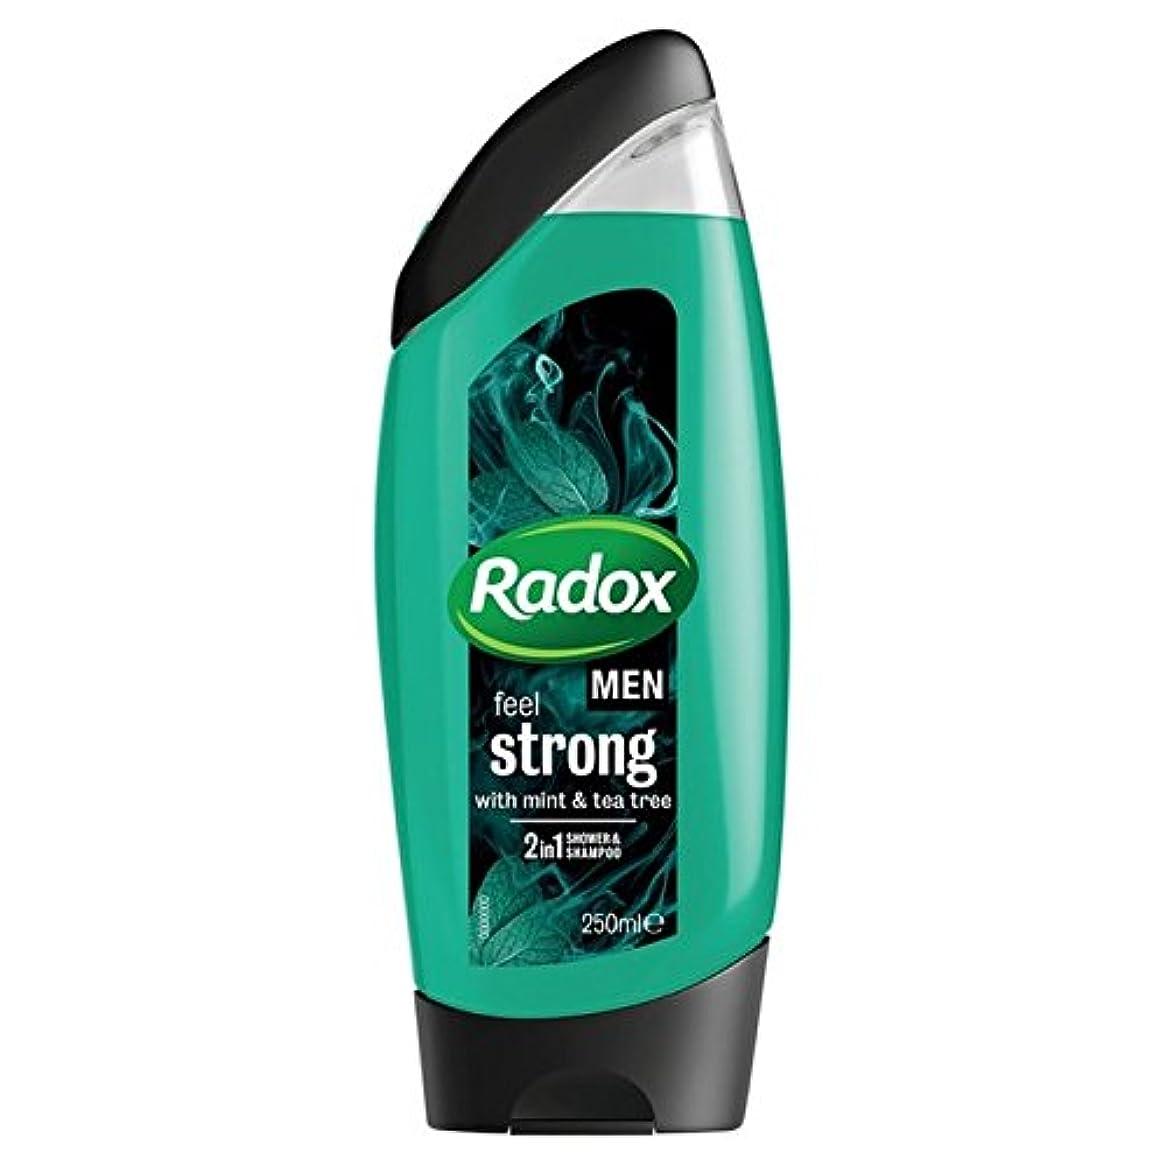 くるくるポスターつかいます男性は、強力なミント&ティーツリーの21のシャワージェル250ミリリットルを感じます x4 - Radox Men Feel Strong Mint & Tea Tree 2in1 Shower Gel 250ml (Pack of 4) [並行輸入品]